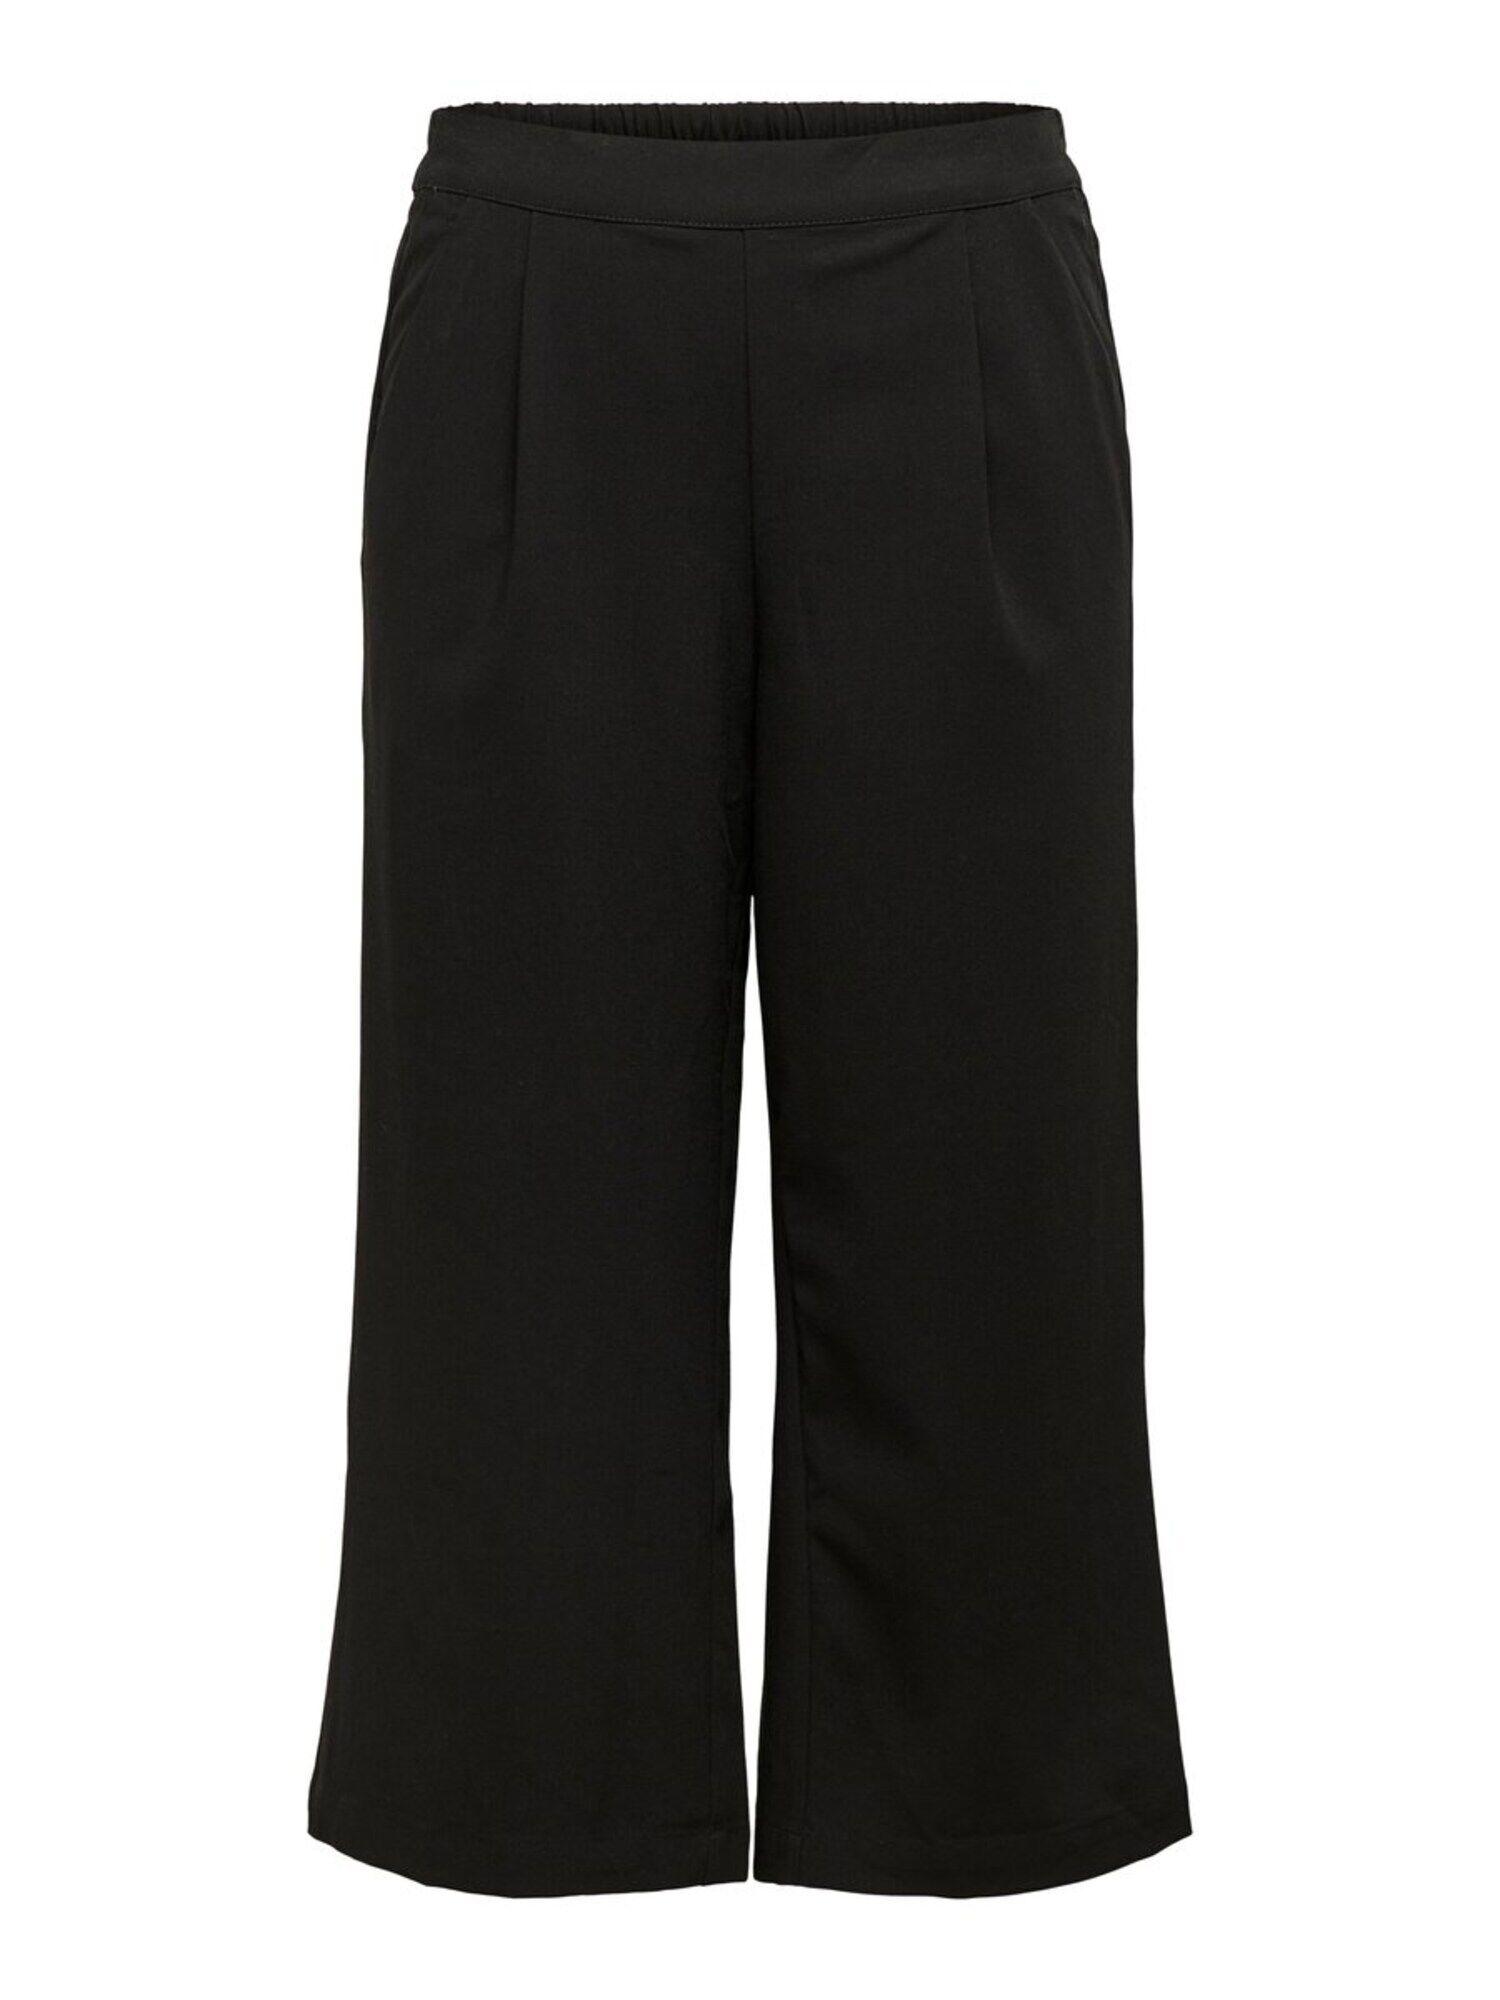 ONLY Pantalon à pince 'CAISA'  - Noir - Taille: 42 - female